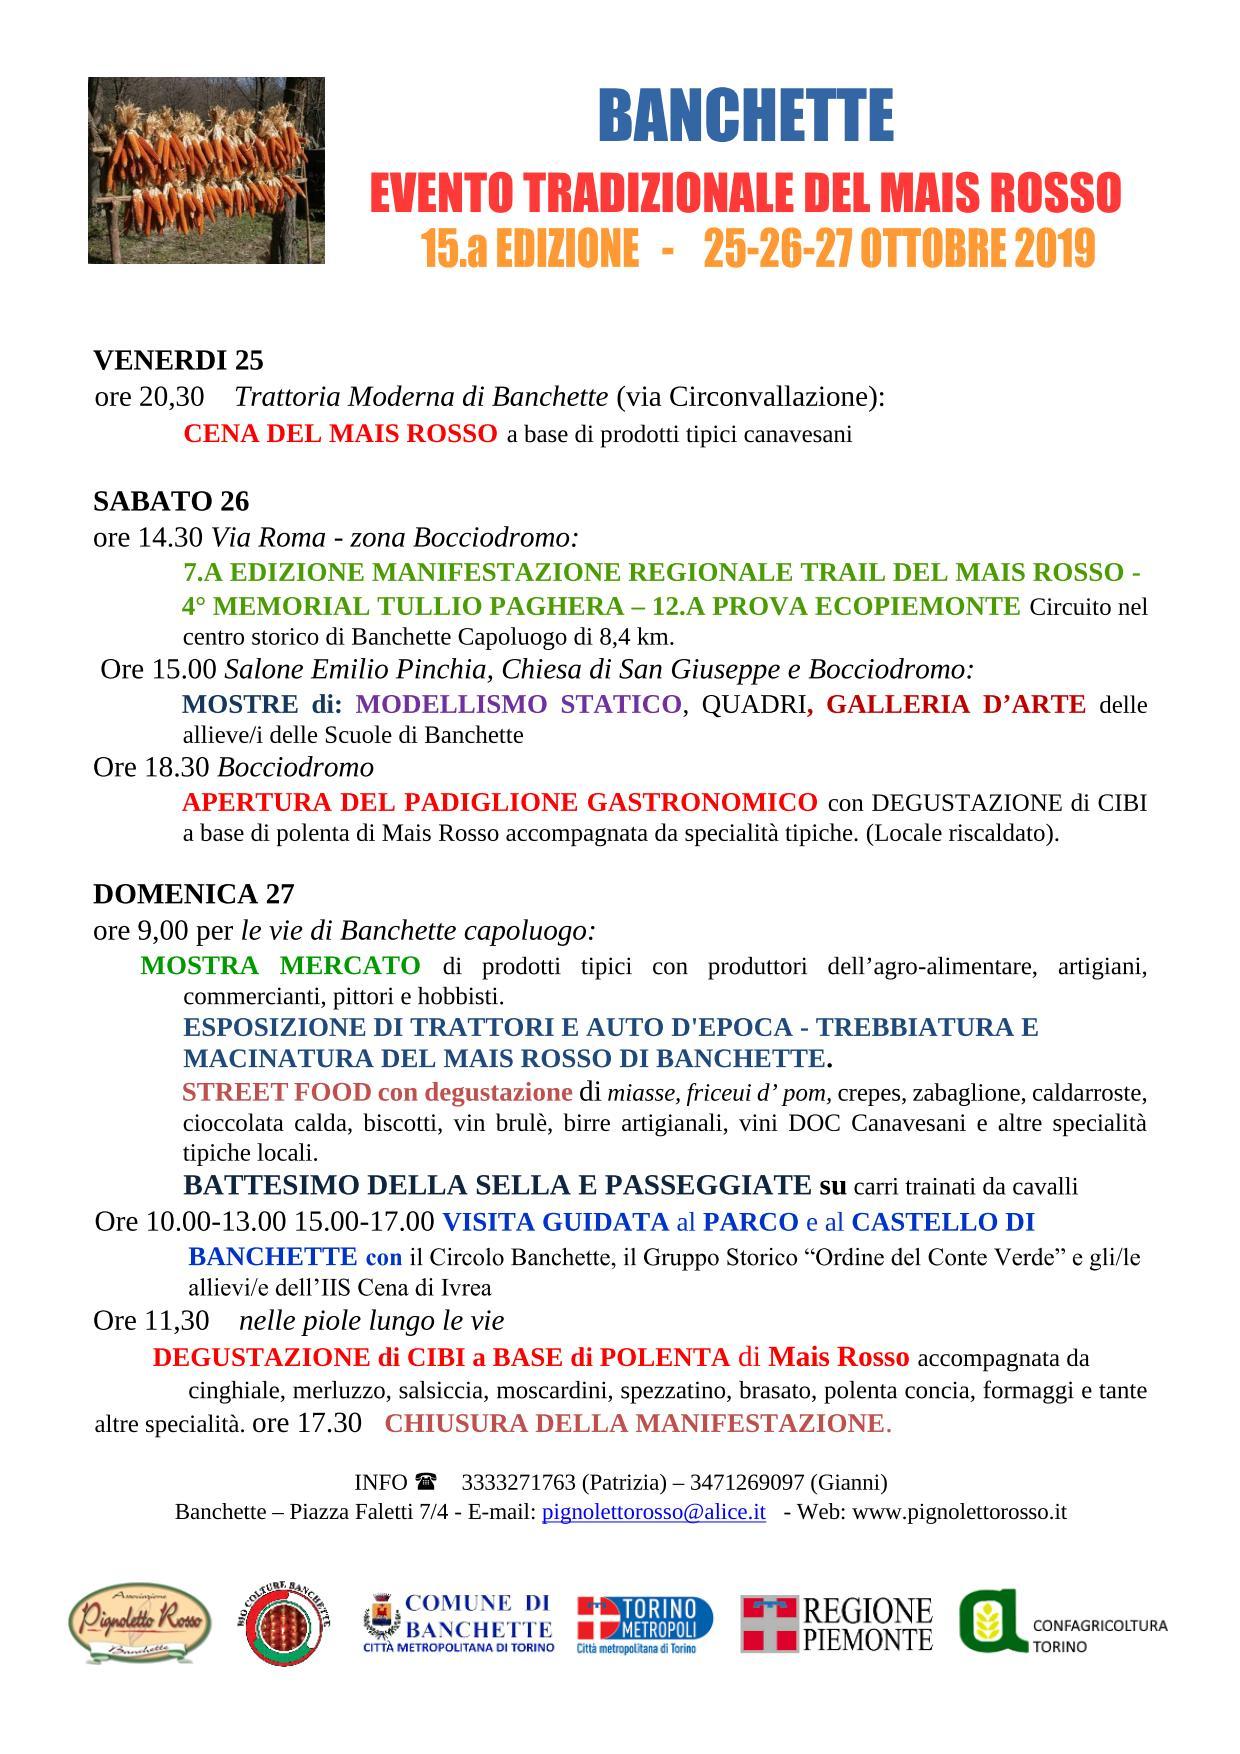 Banchette_mais_rossomanifesto